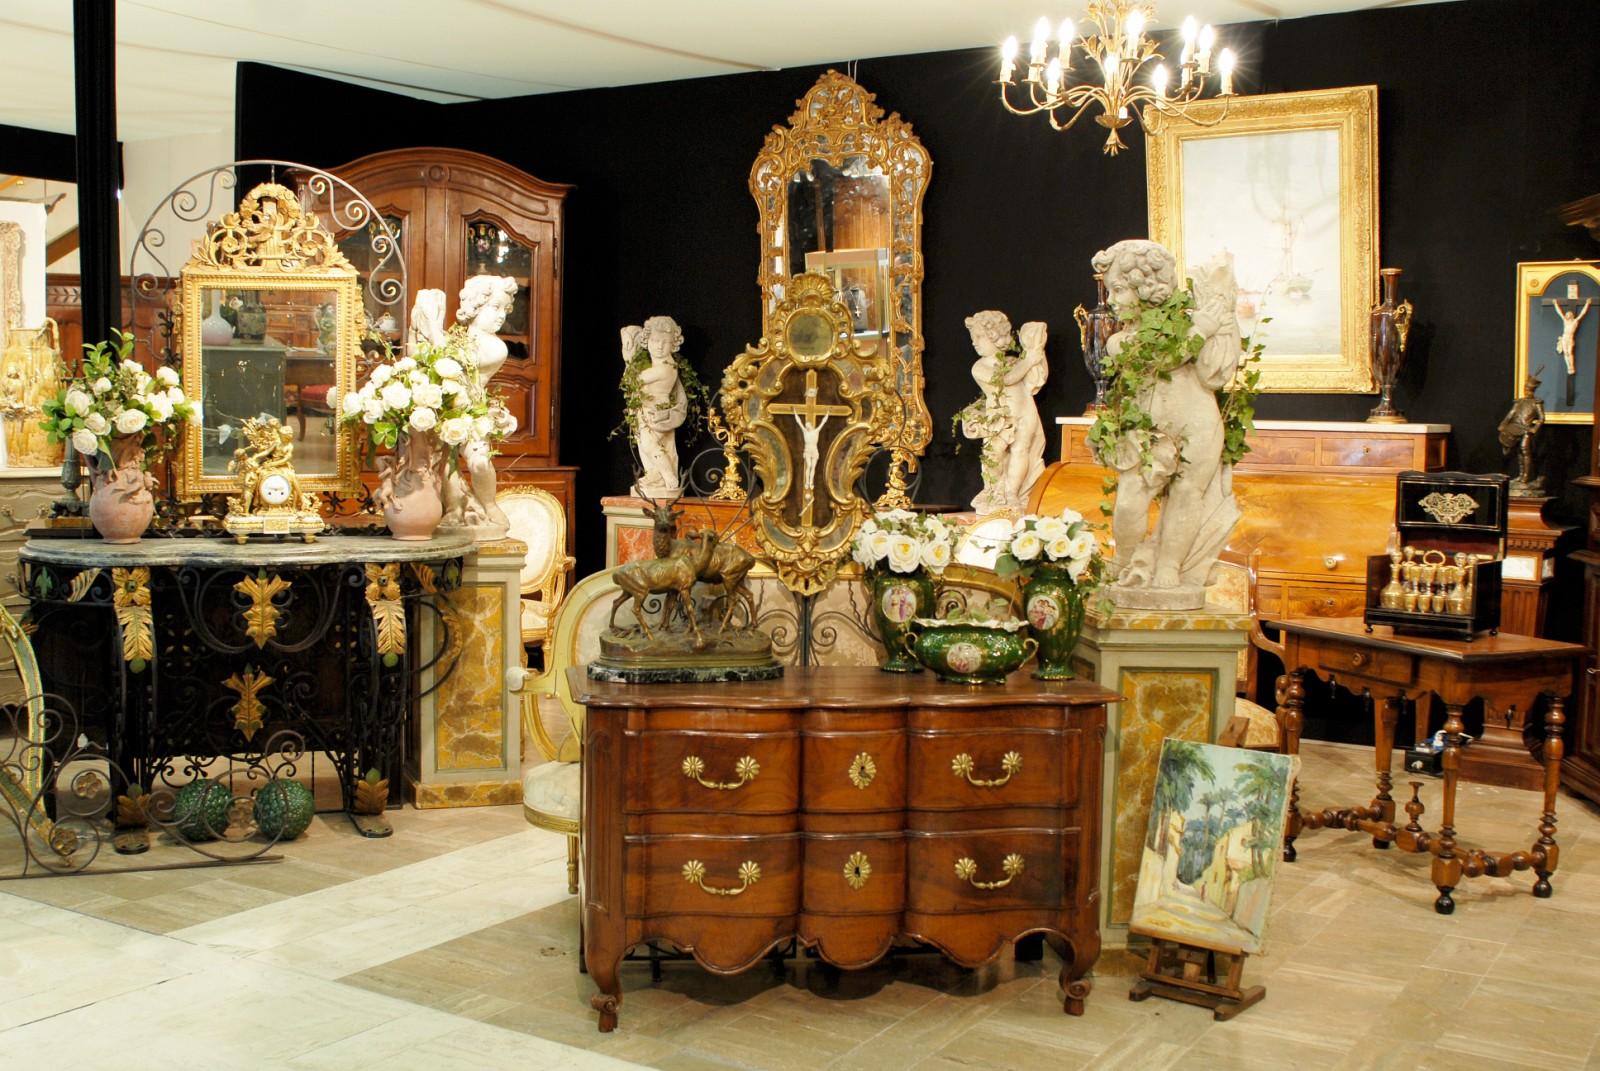 console en fer forg dessus marbre 99 926. Black Bedroom Furniture Sets. Home Design Ideas